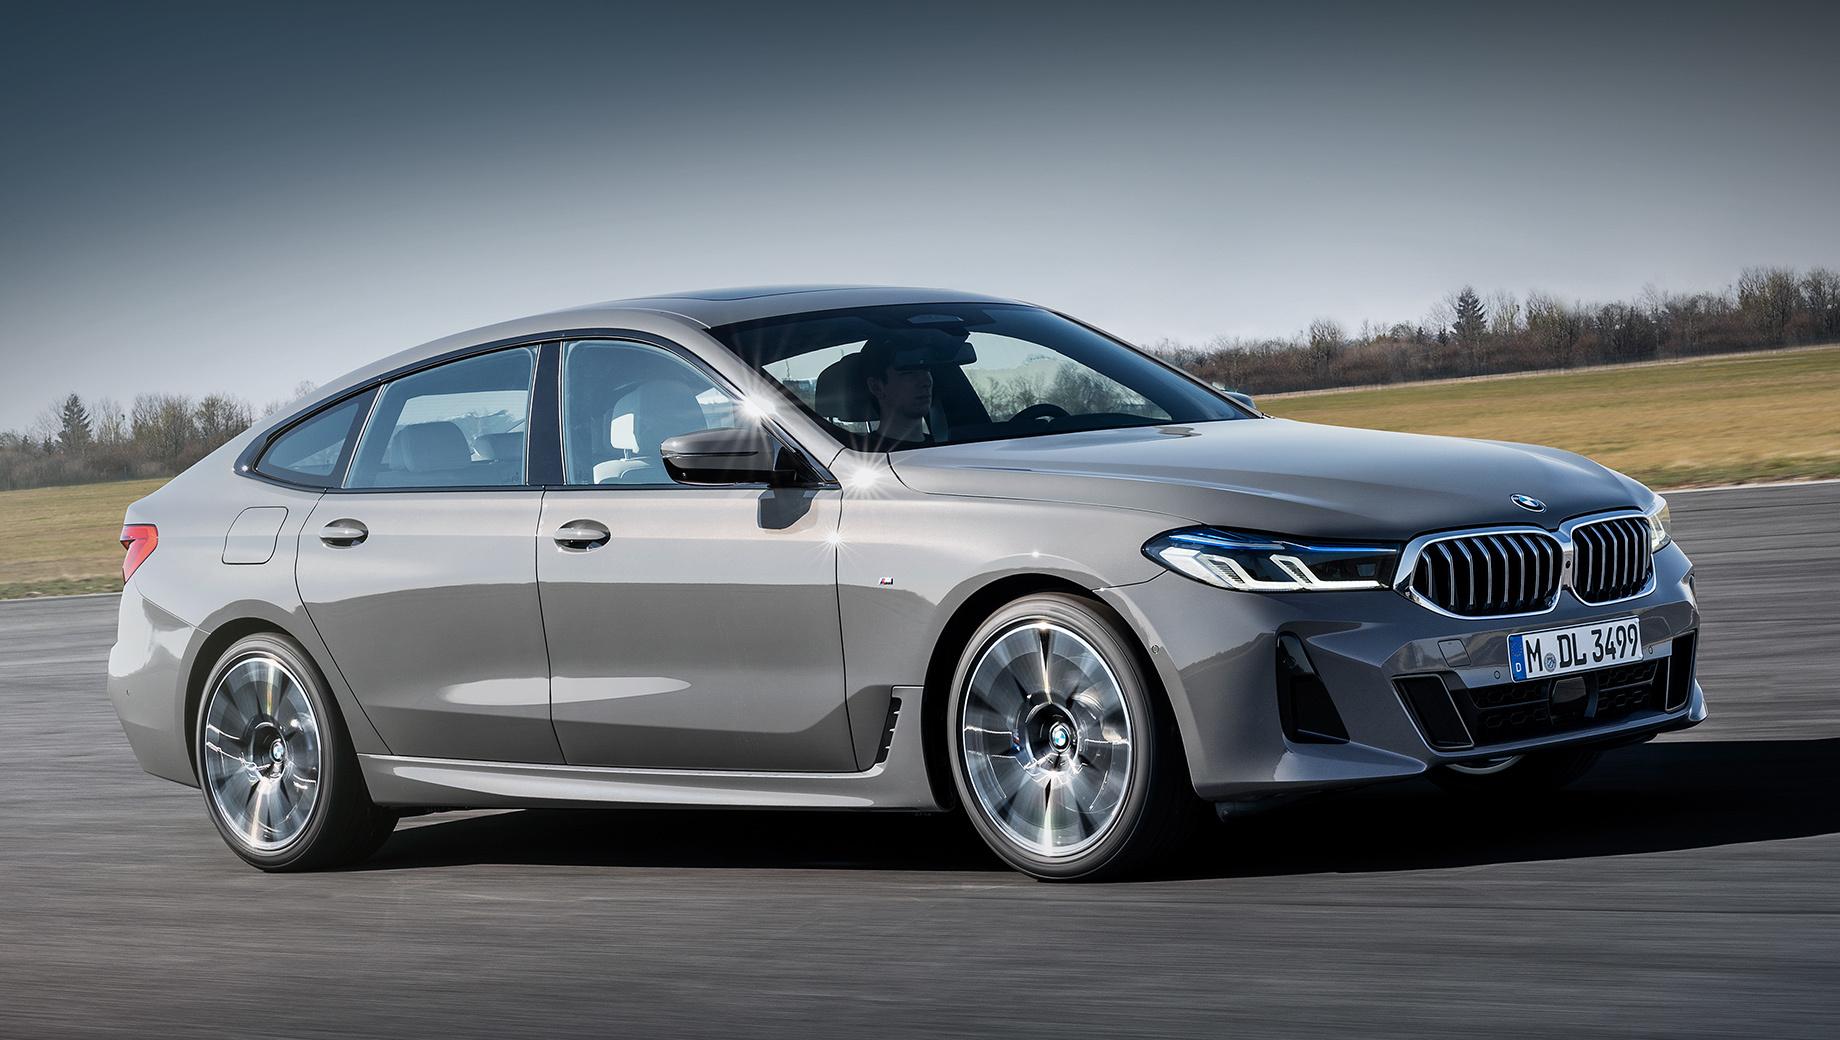 Bmw 6 gt. Обновлённые фары теперь по умолчанию матричные, а за доплату они могут быть лазерными. Все BMW шестой серии GT для Европы отвечают нормам токсичности Euro 6d. Производство в Дингольфинге начнётся в июле 2020 года, а первые машины приедут к дилерам в августе.